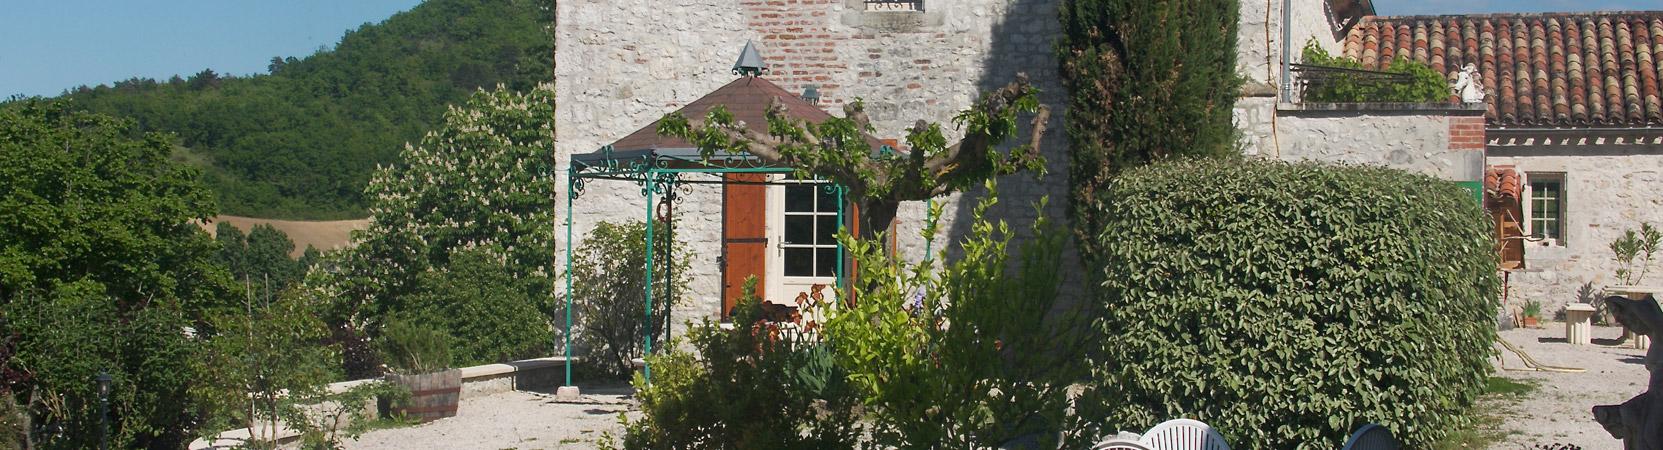 Gîte Norpech La Tonnelle